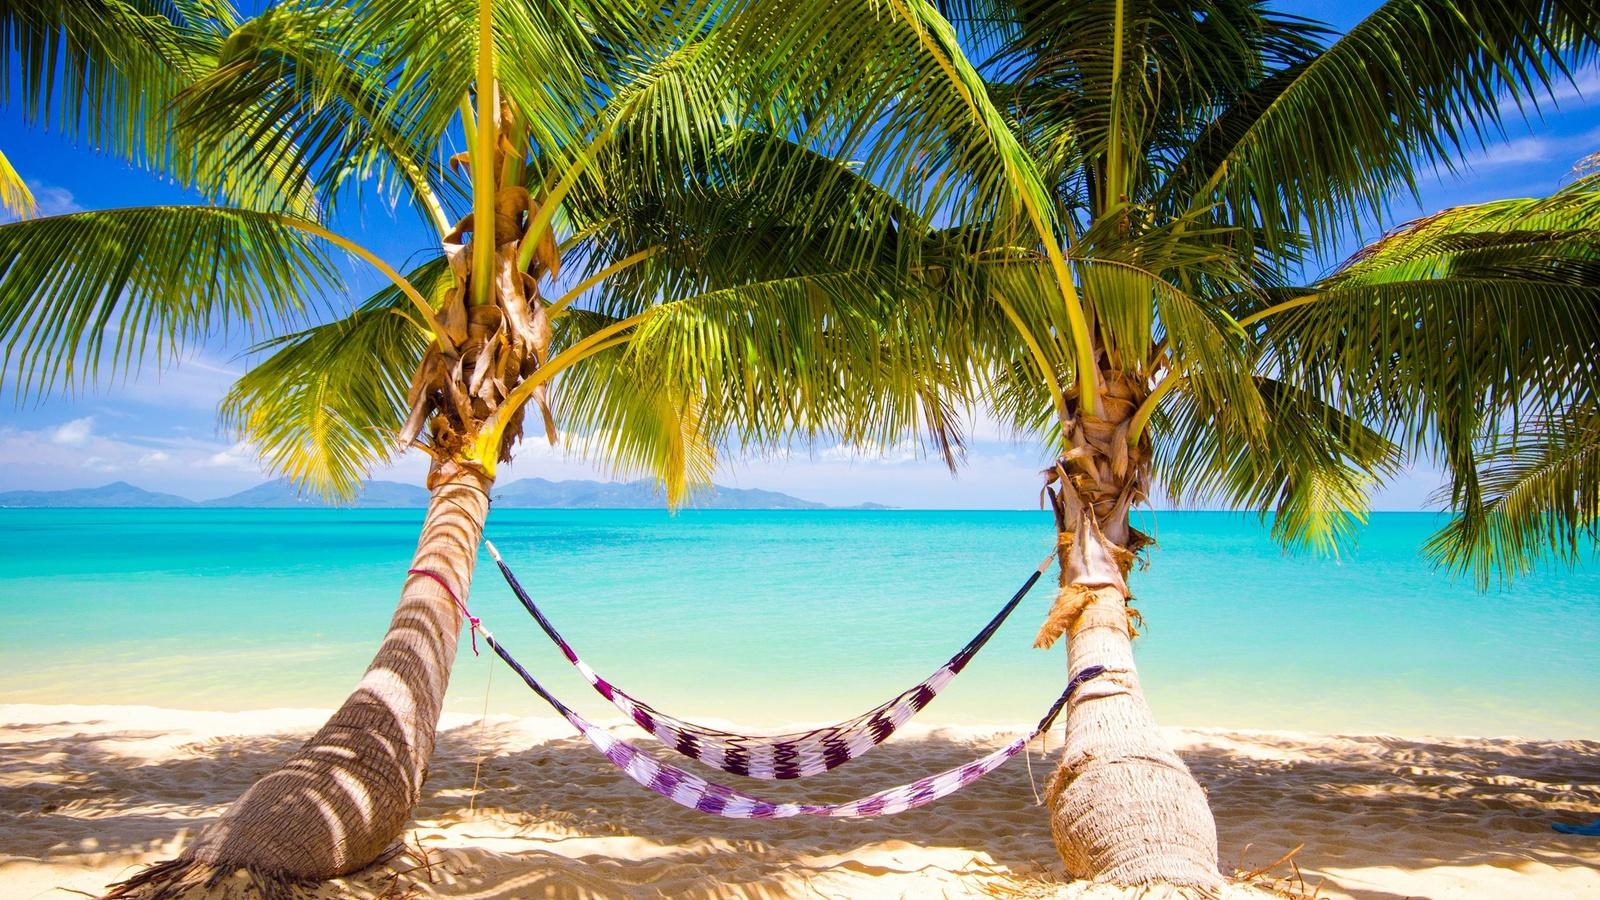 может отпуск в раю картинка сантехнике-онлайн можно приобрести